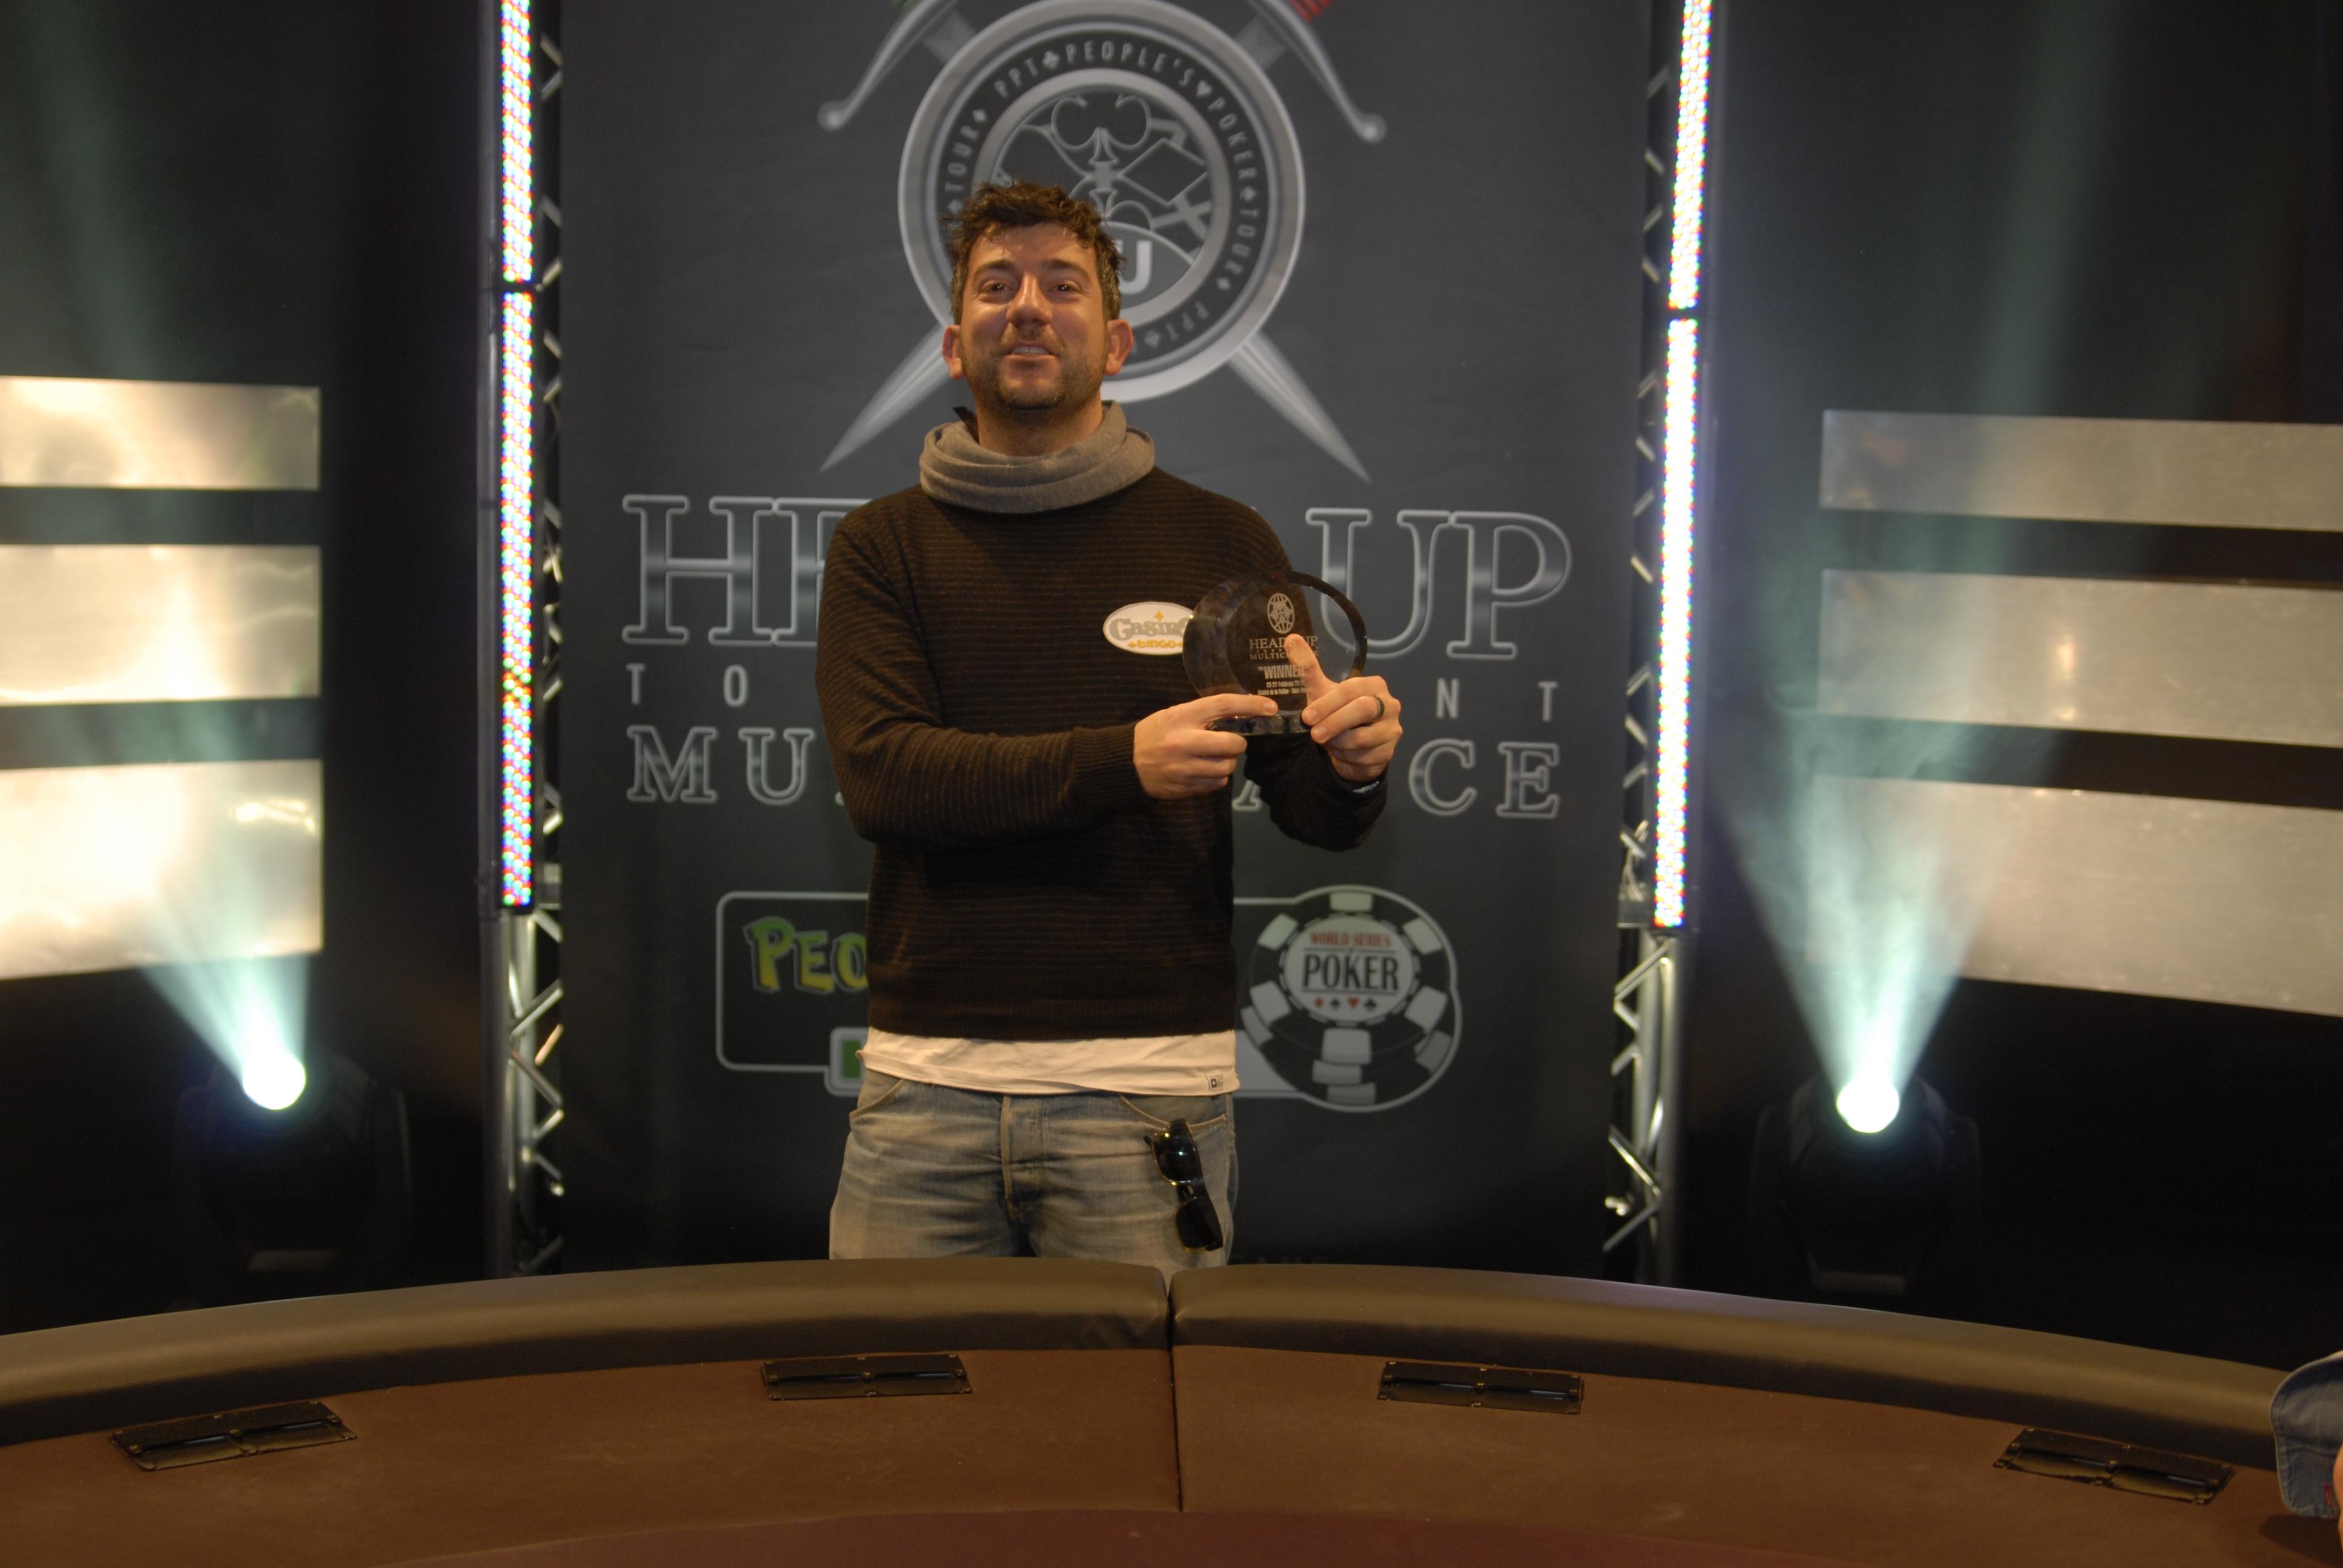 Scoppia la bolla al PPTour e Castaldi vince il torneo heads up: che spettacolo questo PPT!